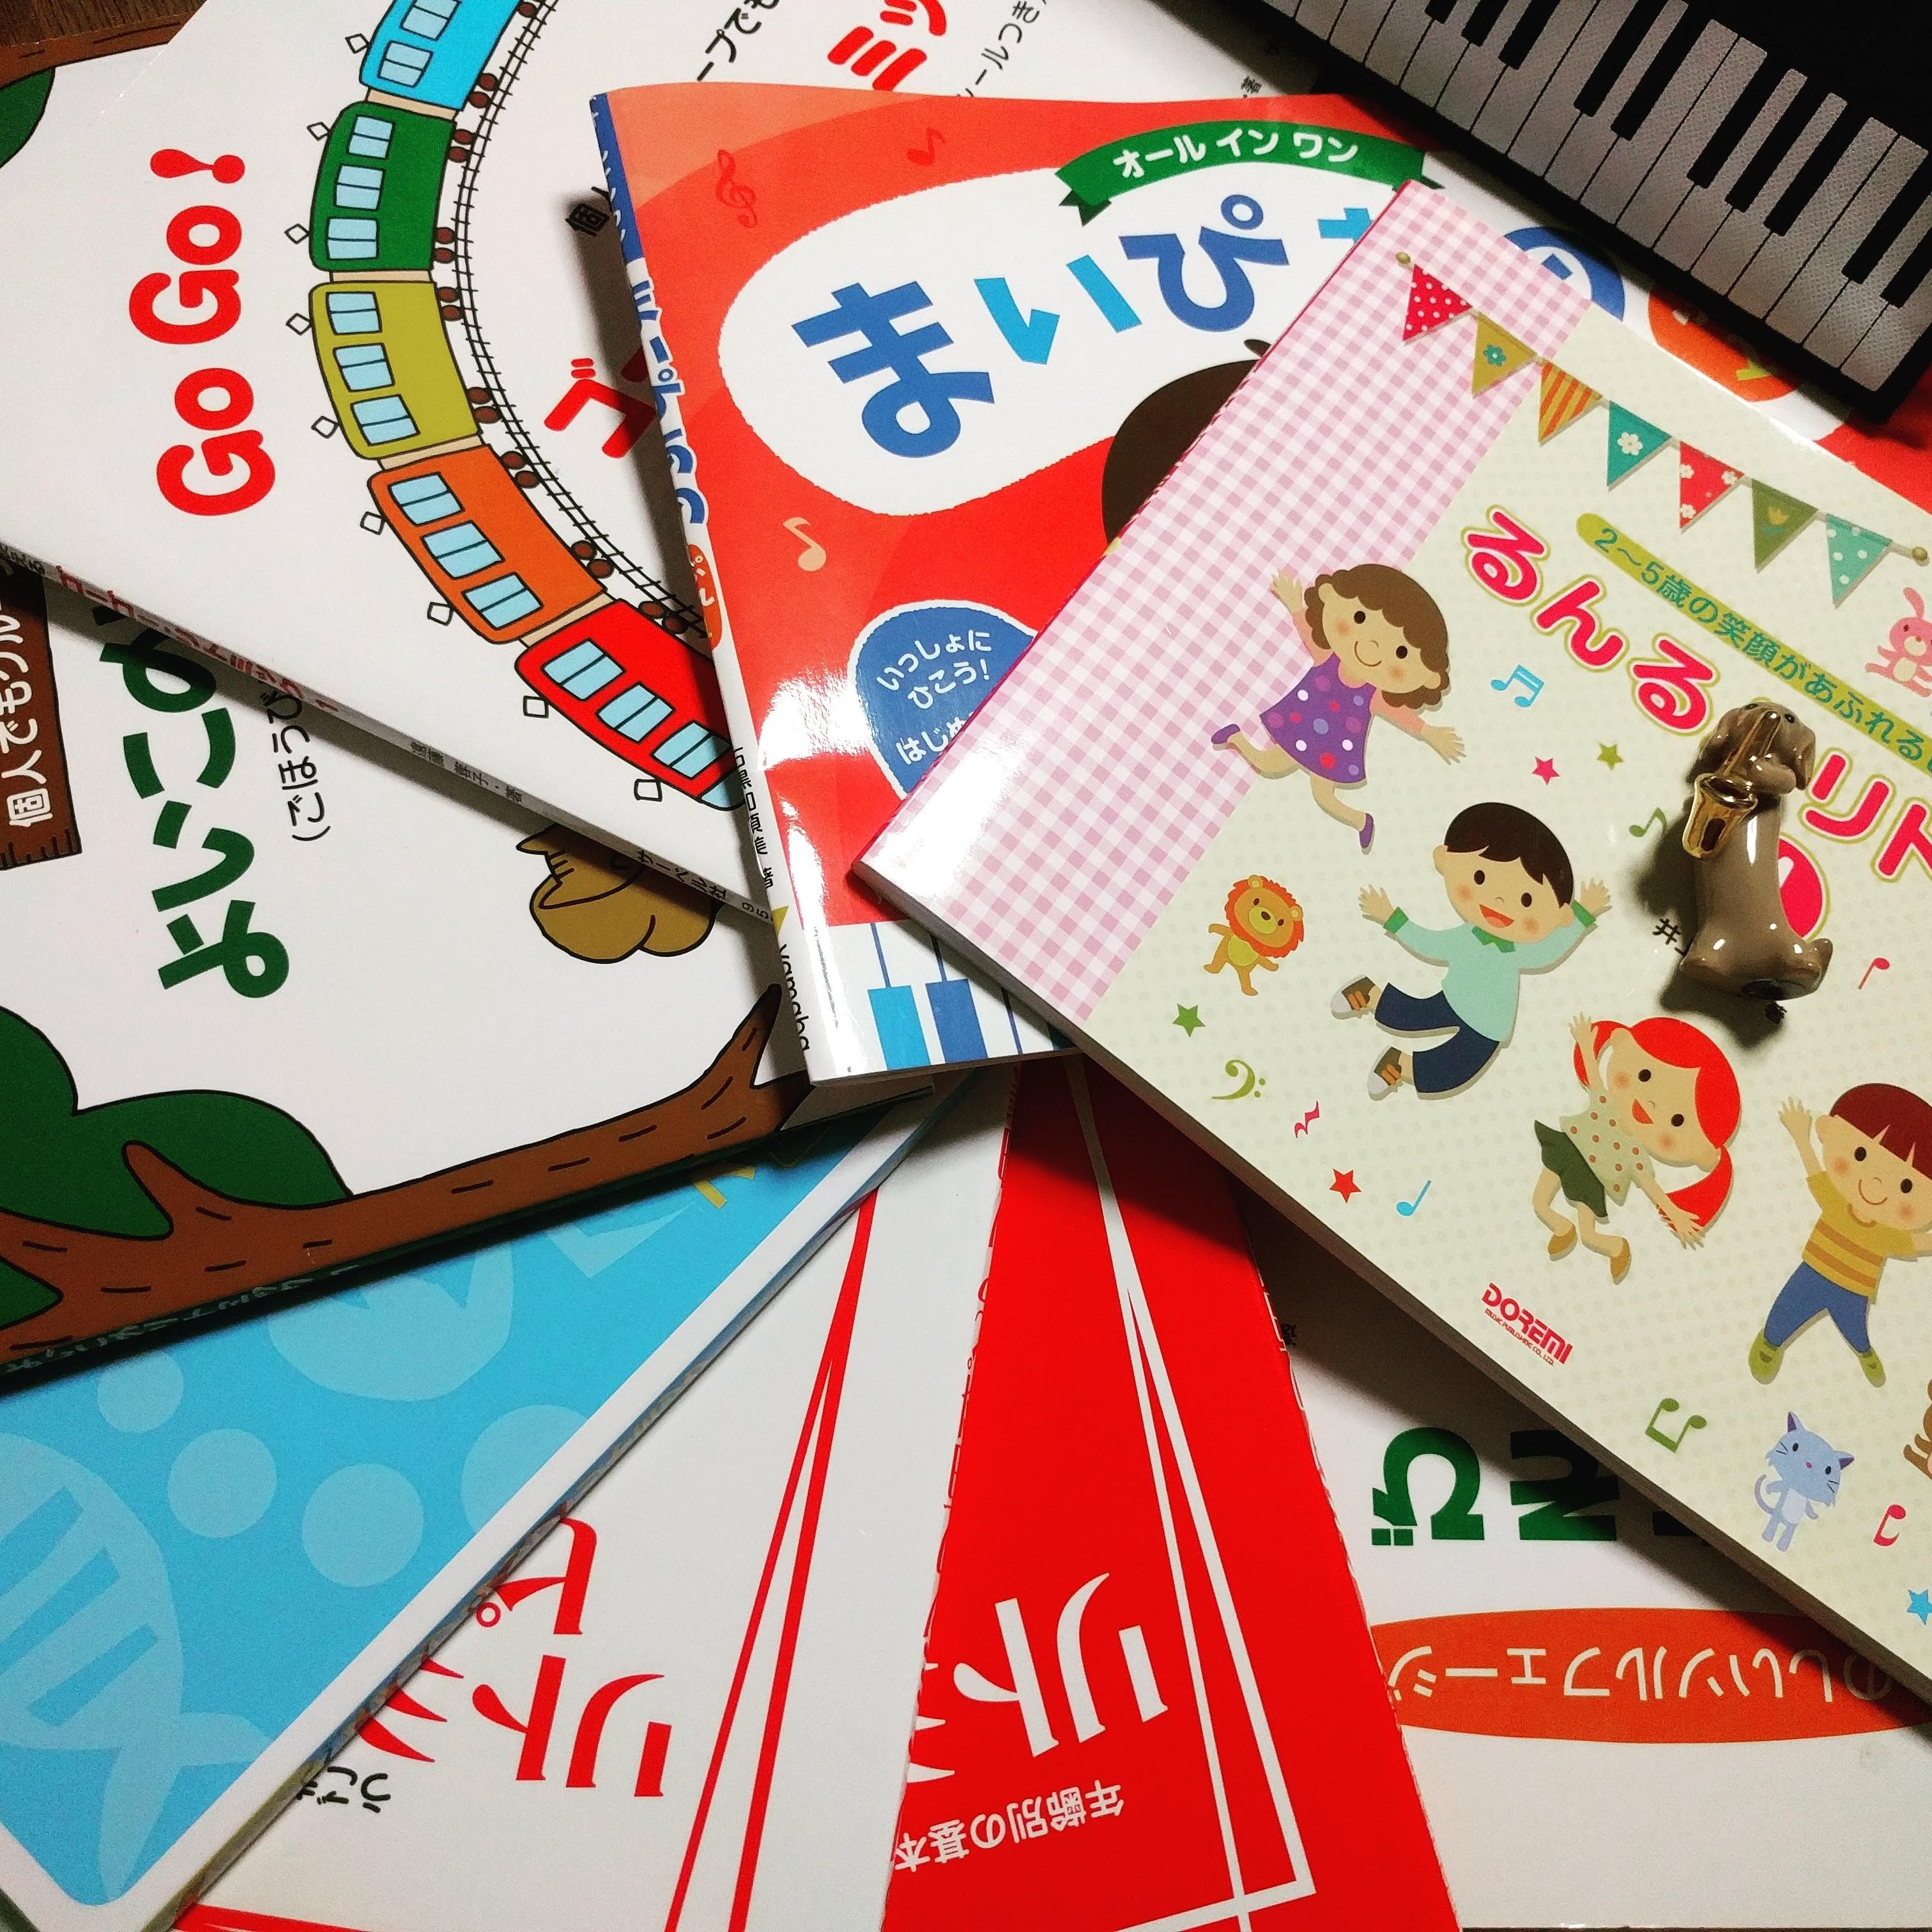 Maple音楽教室♪ピアノ、プレピアノ、リトミック、声楽、ヴォーカル